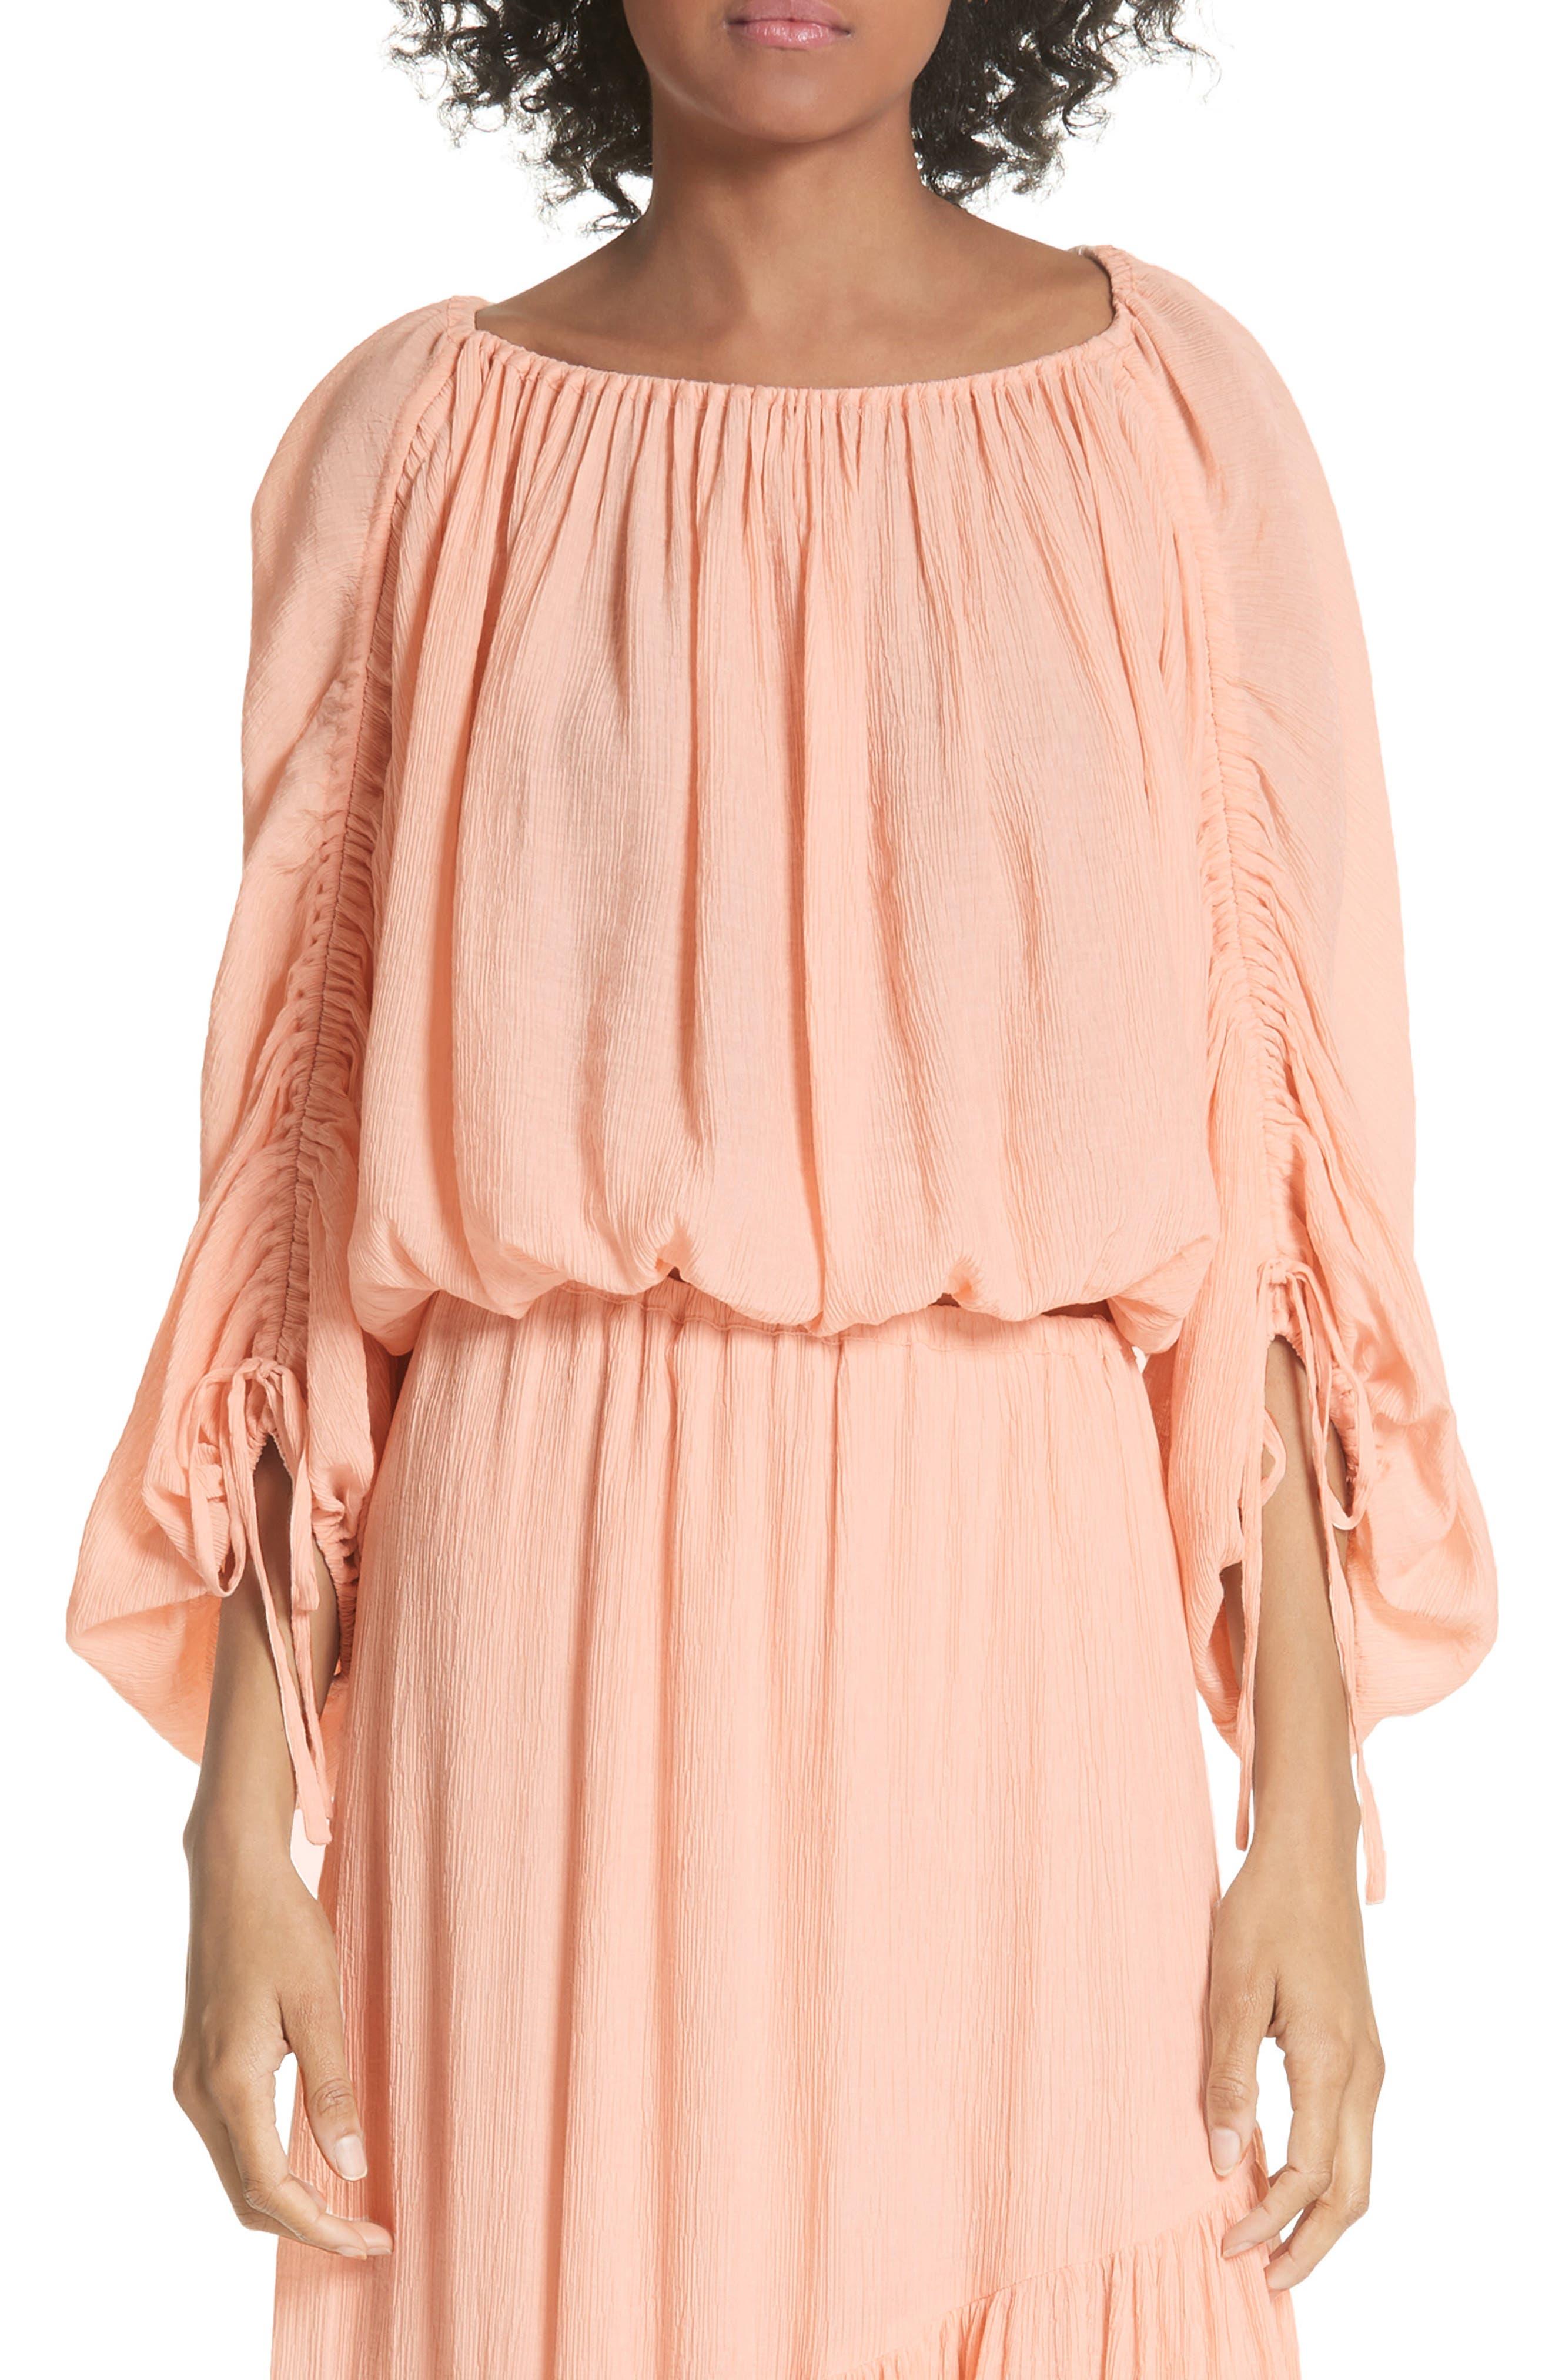 Elazara Ruched Sleeve Peasant Top,                             Main thumbnail 1, color,                             Summer Pink